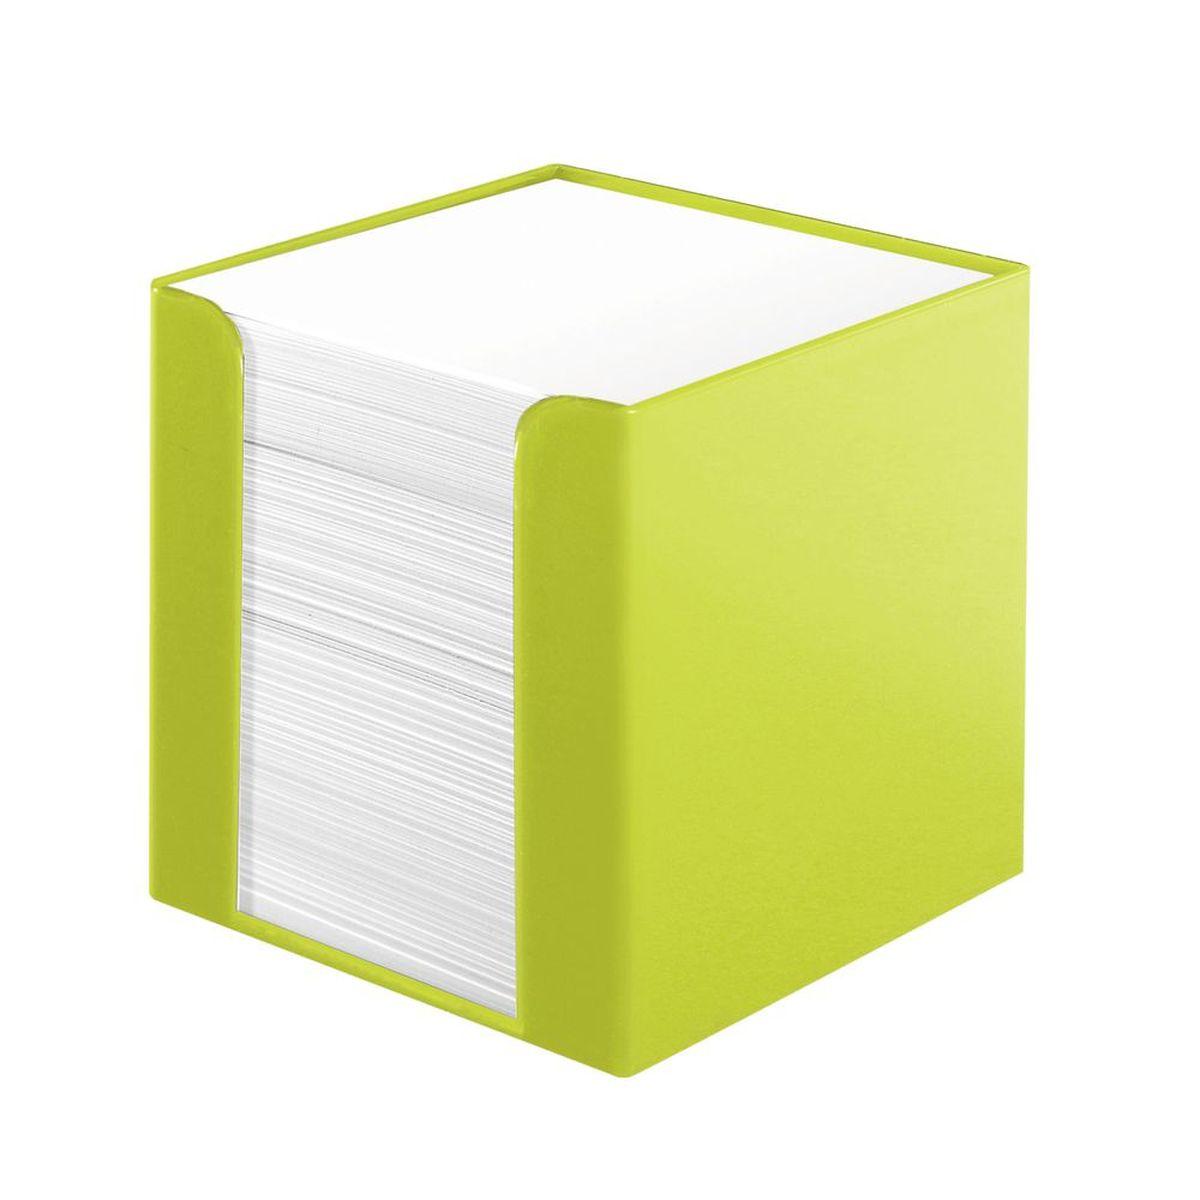 Herlitz Бумага для заметок Colour Blocking цвет подставки лимонный11365012Бумага для заметок Herlitz Сolour Blocking - это удобное и практическое решение для быстрой записи информации дома или на работе. Блок состоит из листов белой бумаги и находится в пластиковой подставке в виде куба, которая вмещает в себя 700 листов. Насыщенный лимонный цвет - по-настоящему яркое зрелище, способное всполошить дерзкими расцветками размеренность повседневности.